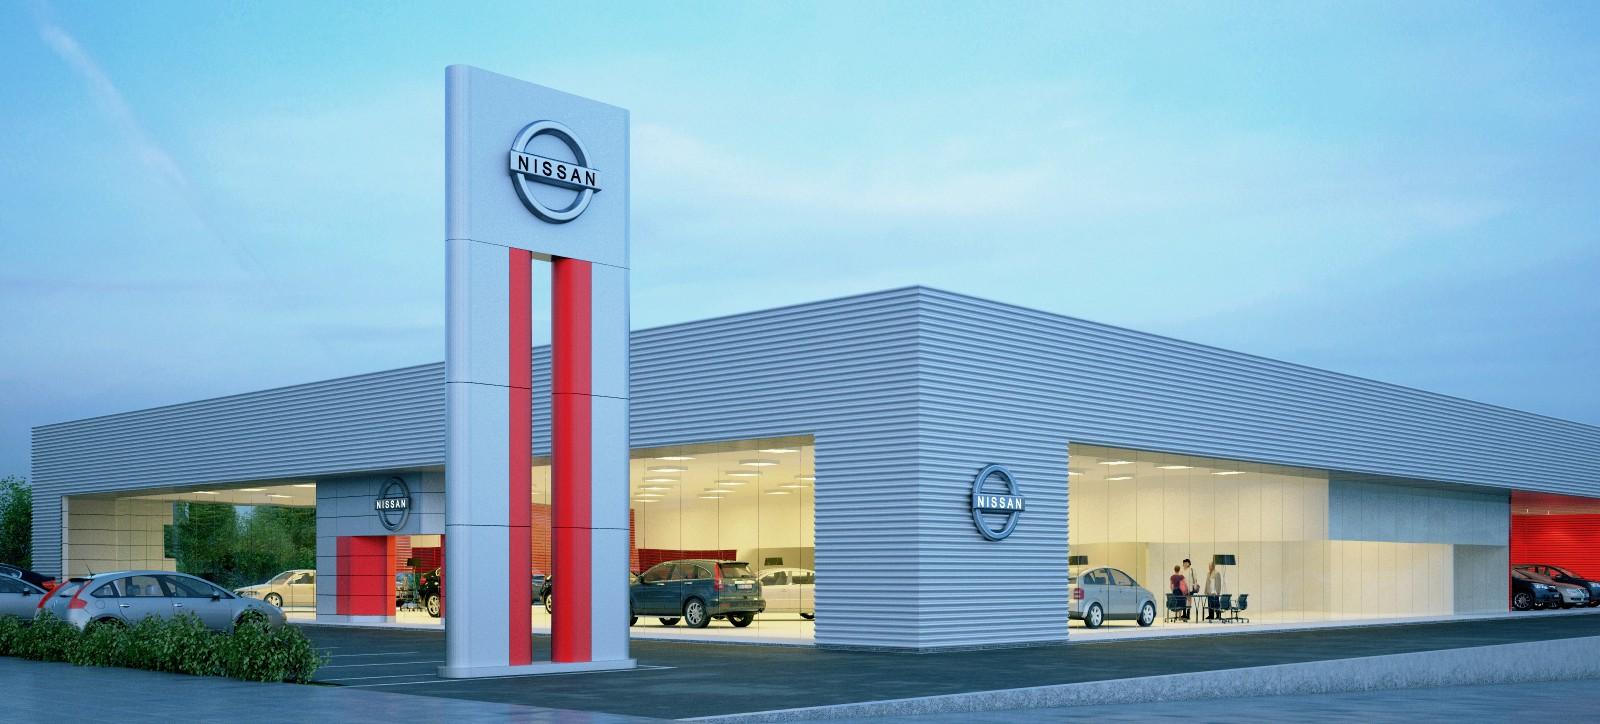 Nissan Store - Recreio dos Bandeirantes - Central Arquitectos